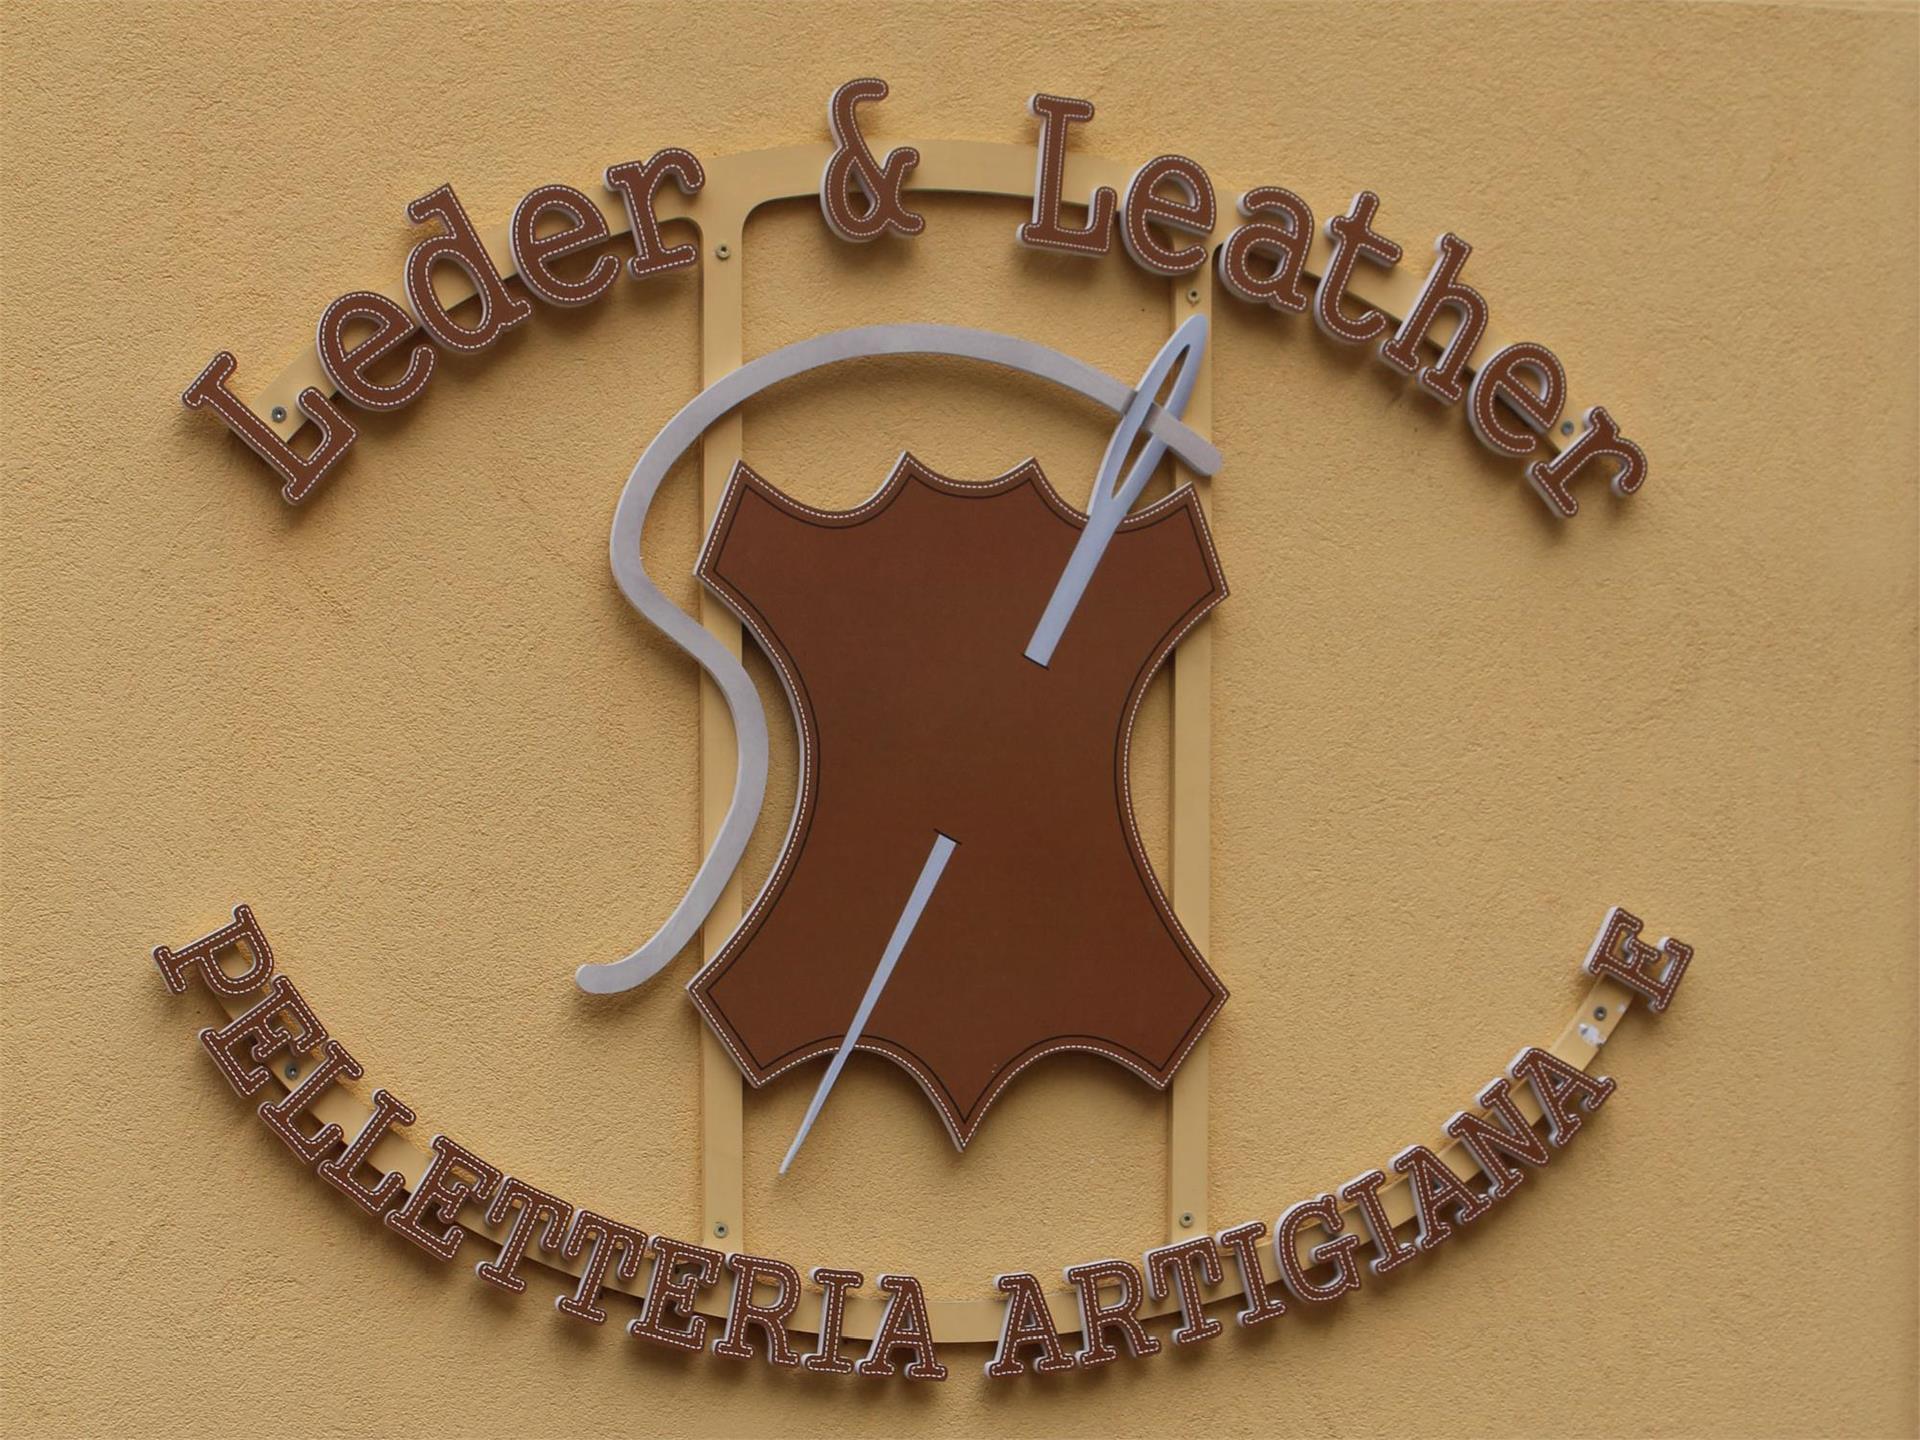 Leder & Leather